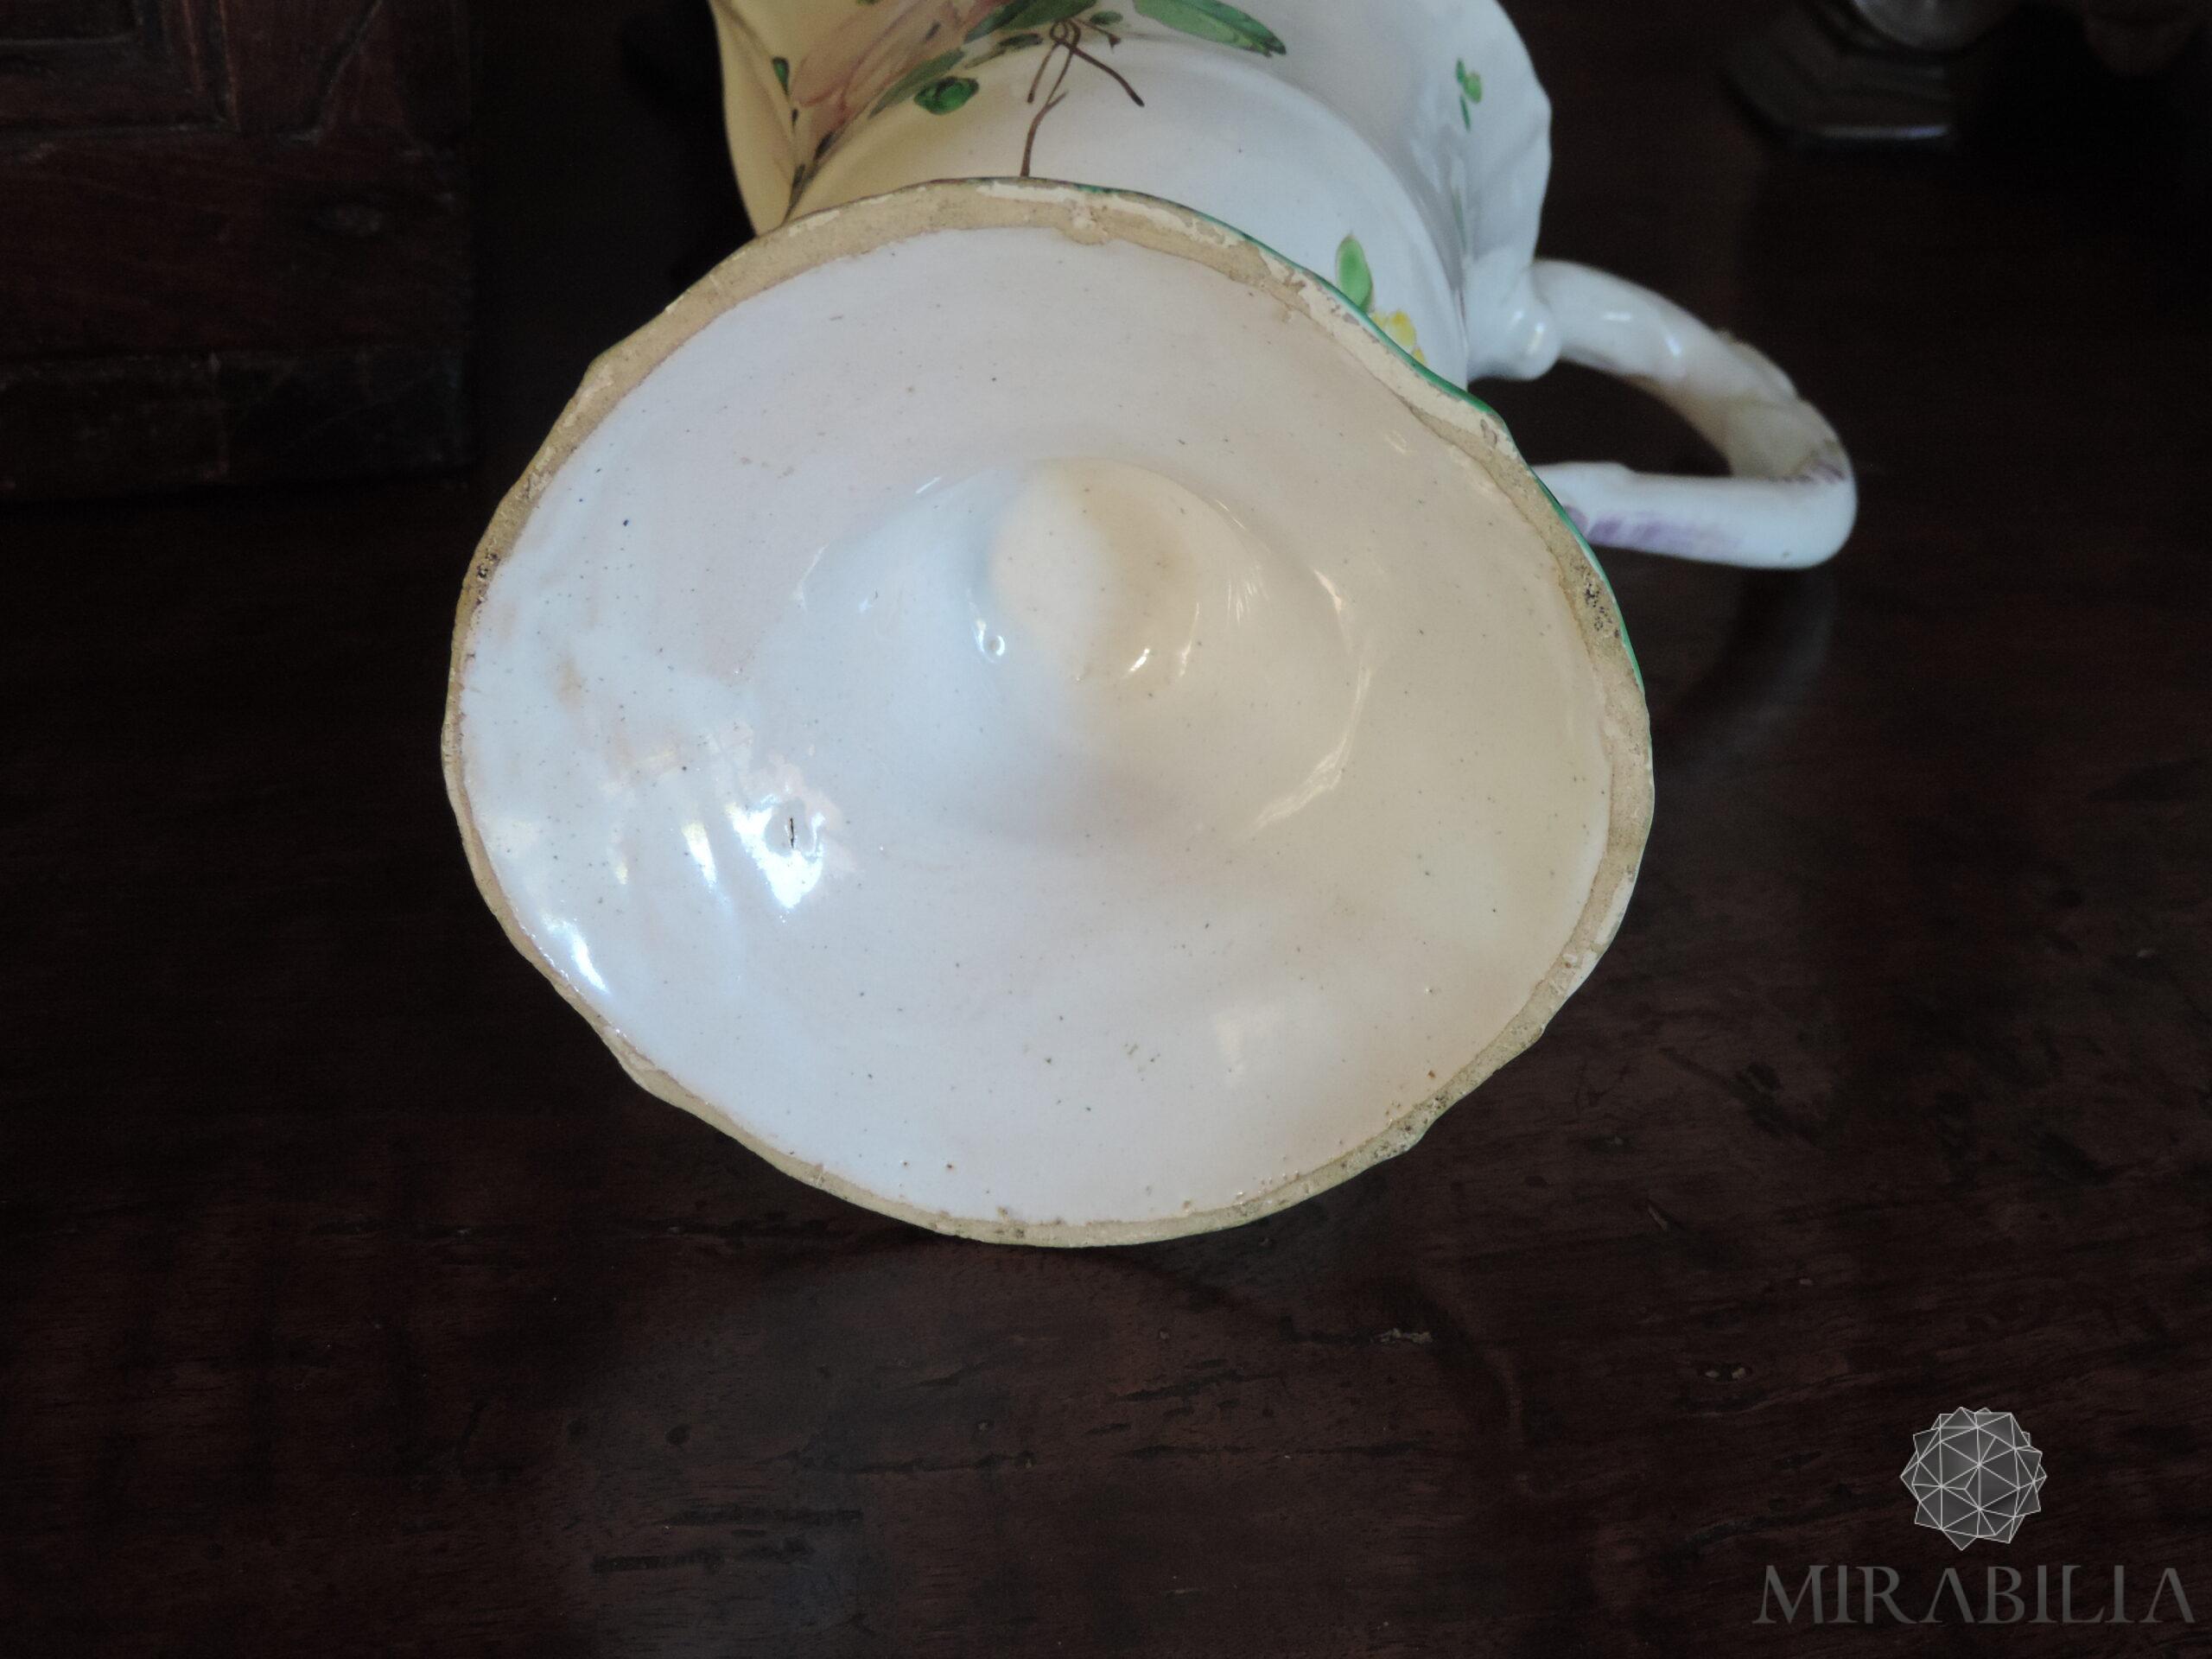 Versatoio realizzato in maiolica in policromia a piccolo fuoco con verde, giallo, rosa lilla, blu, opera del ceramista Pasquale Rubati (dettaglio base interna)